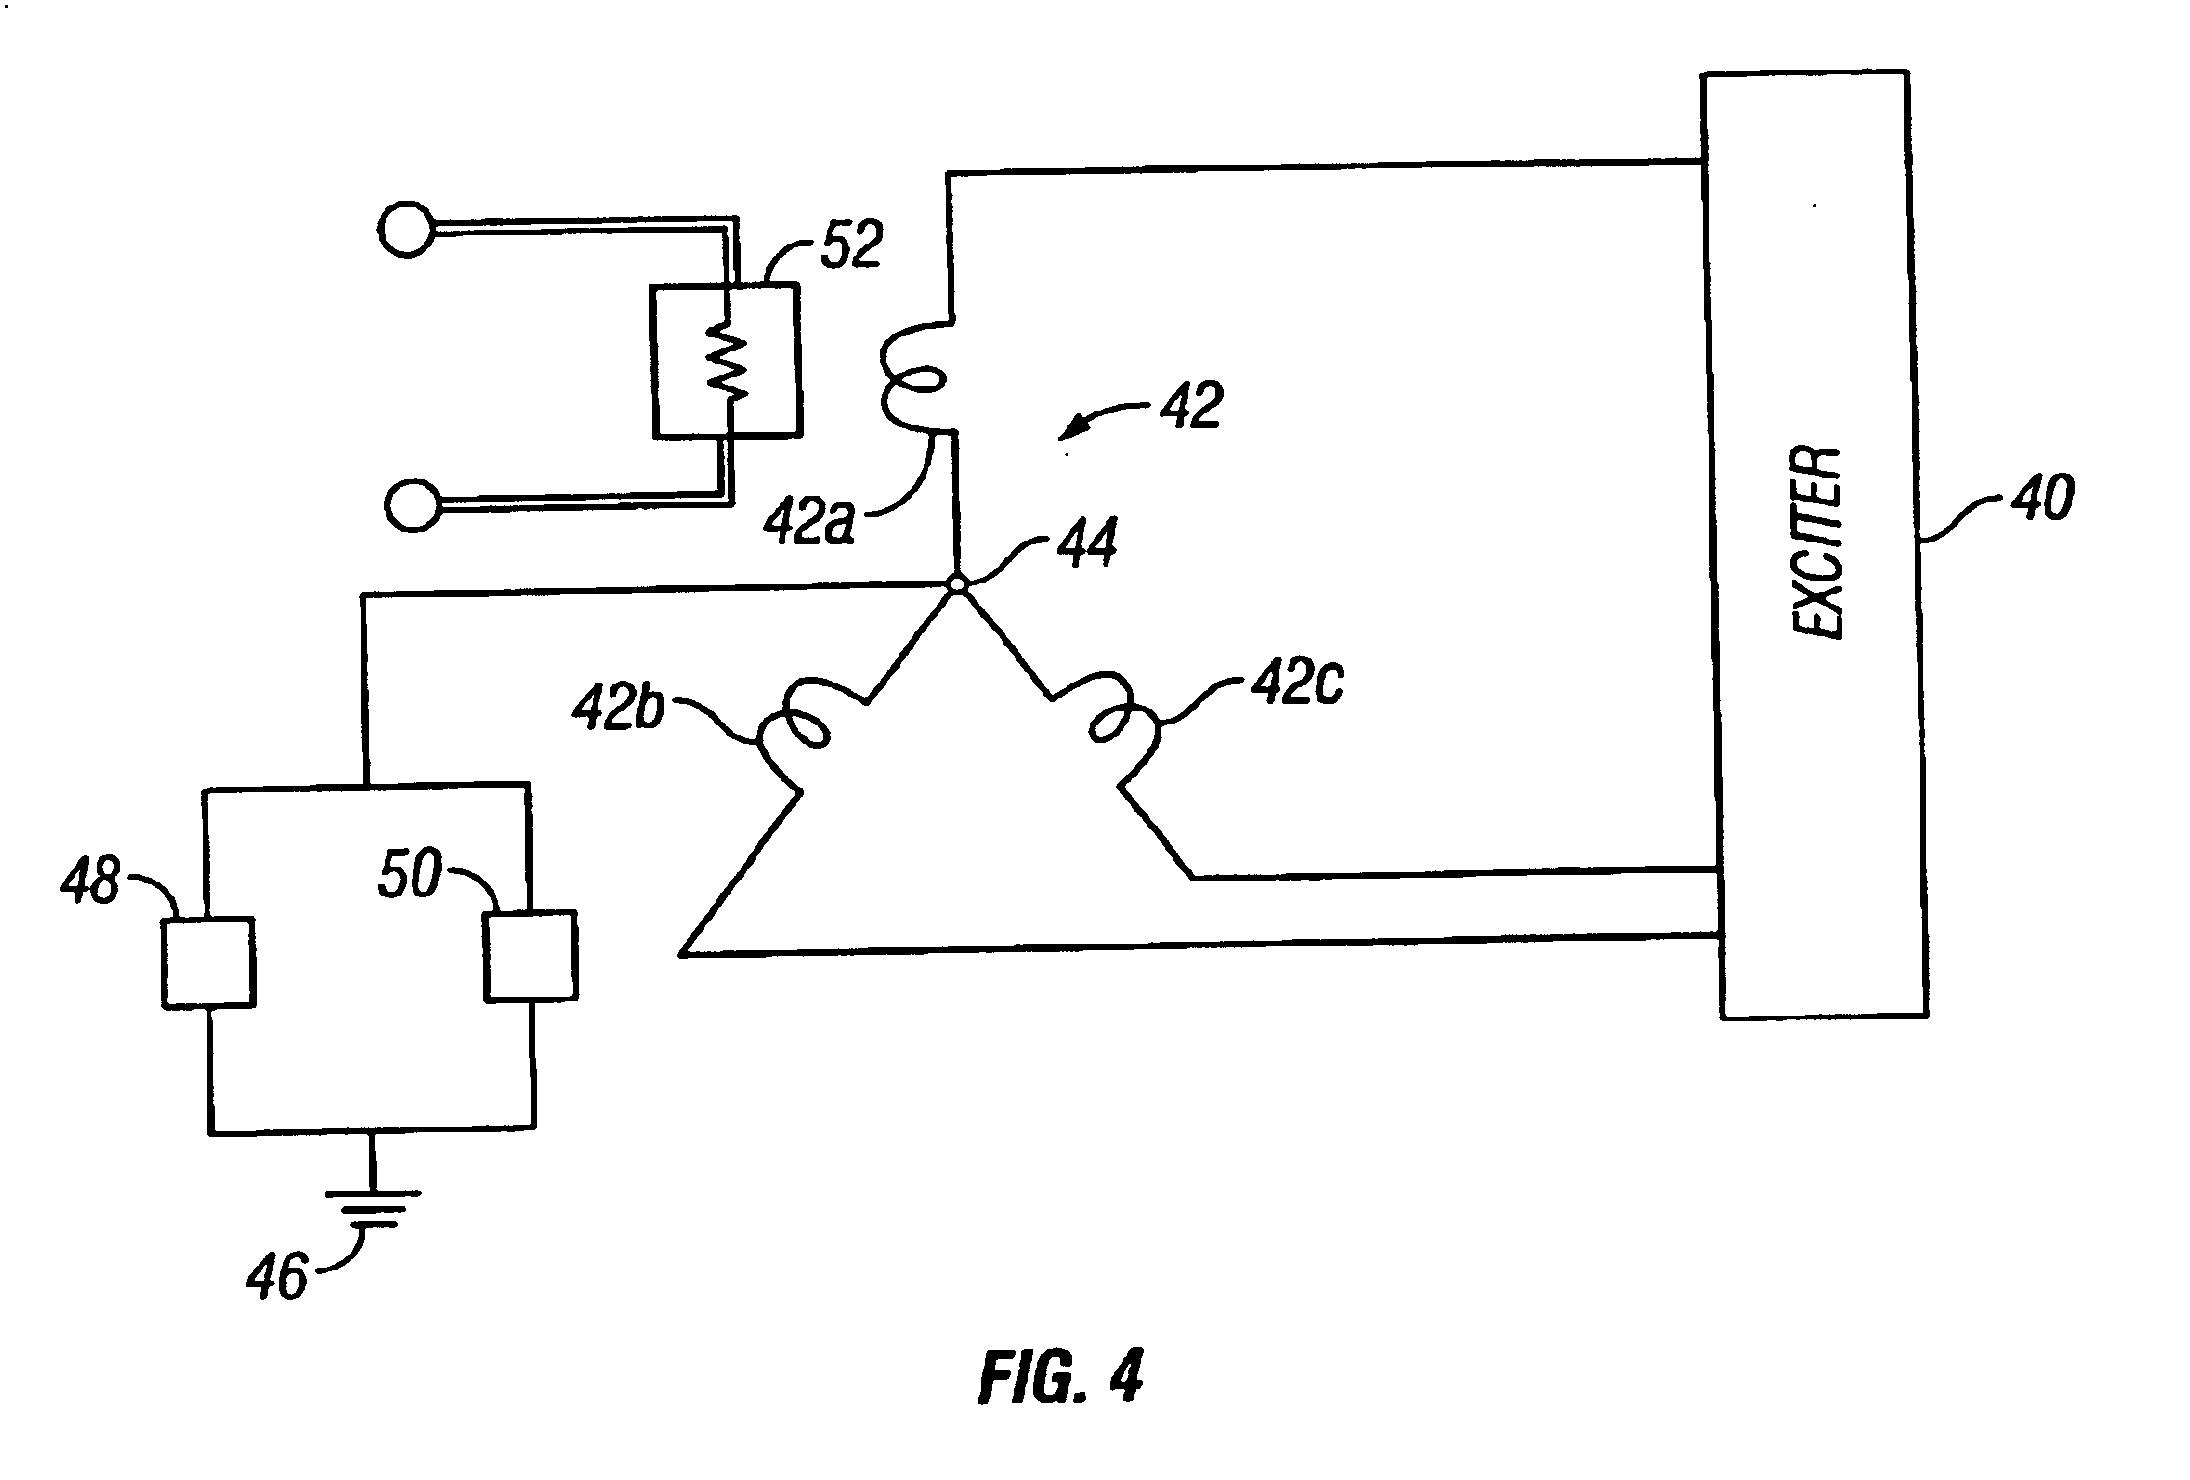 surge suppression circuit diagram